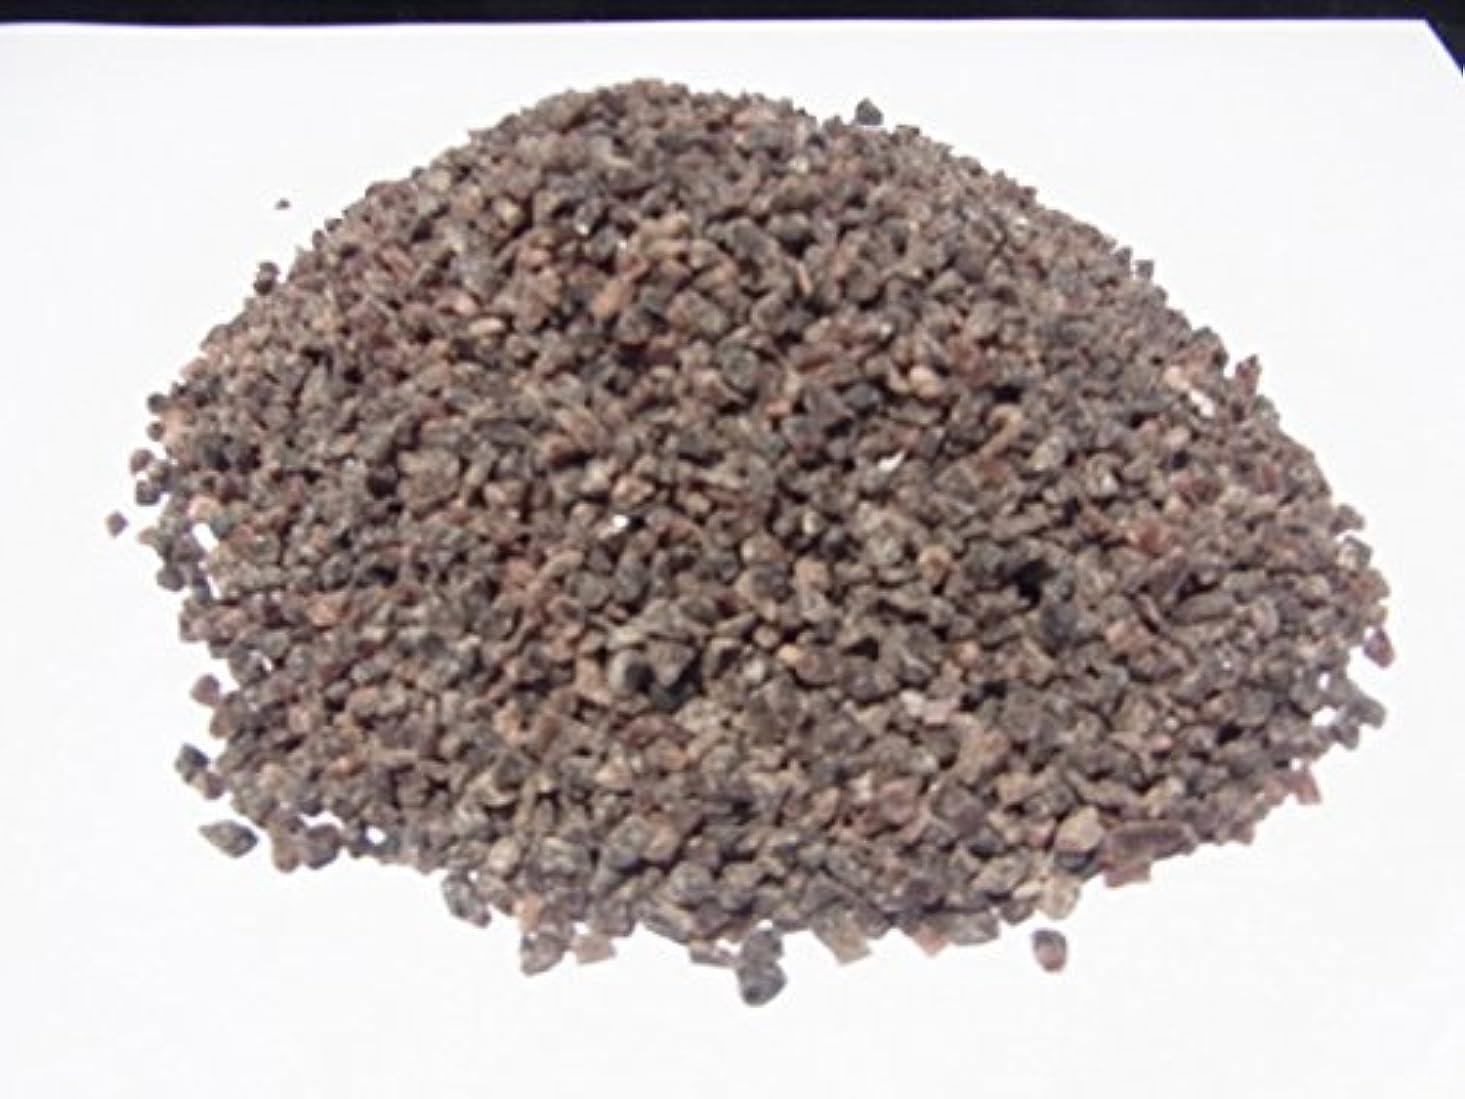 広々誤解させる太陽ヒマラヤ岩塩1kg【ブラックソルト】 紫岩塩 ザラメ 粗粒 バスソルト